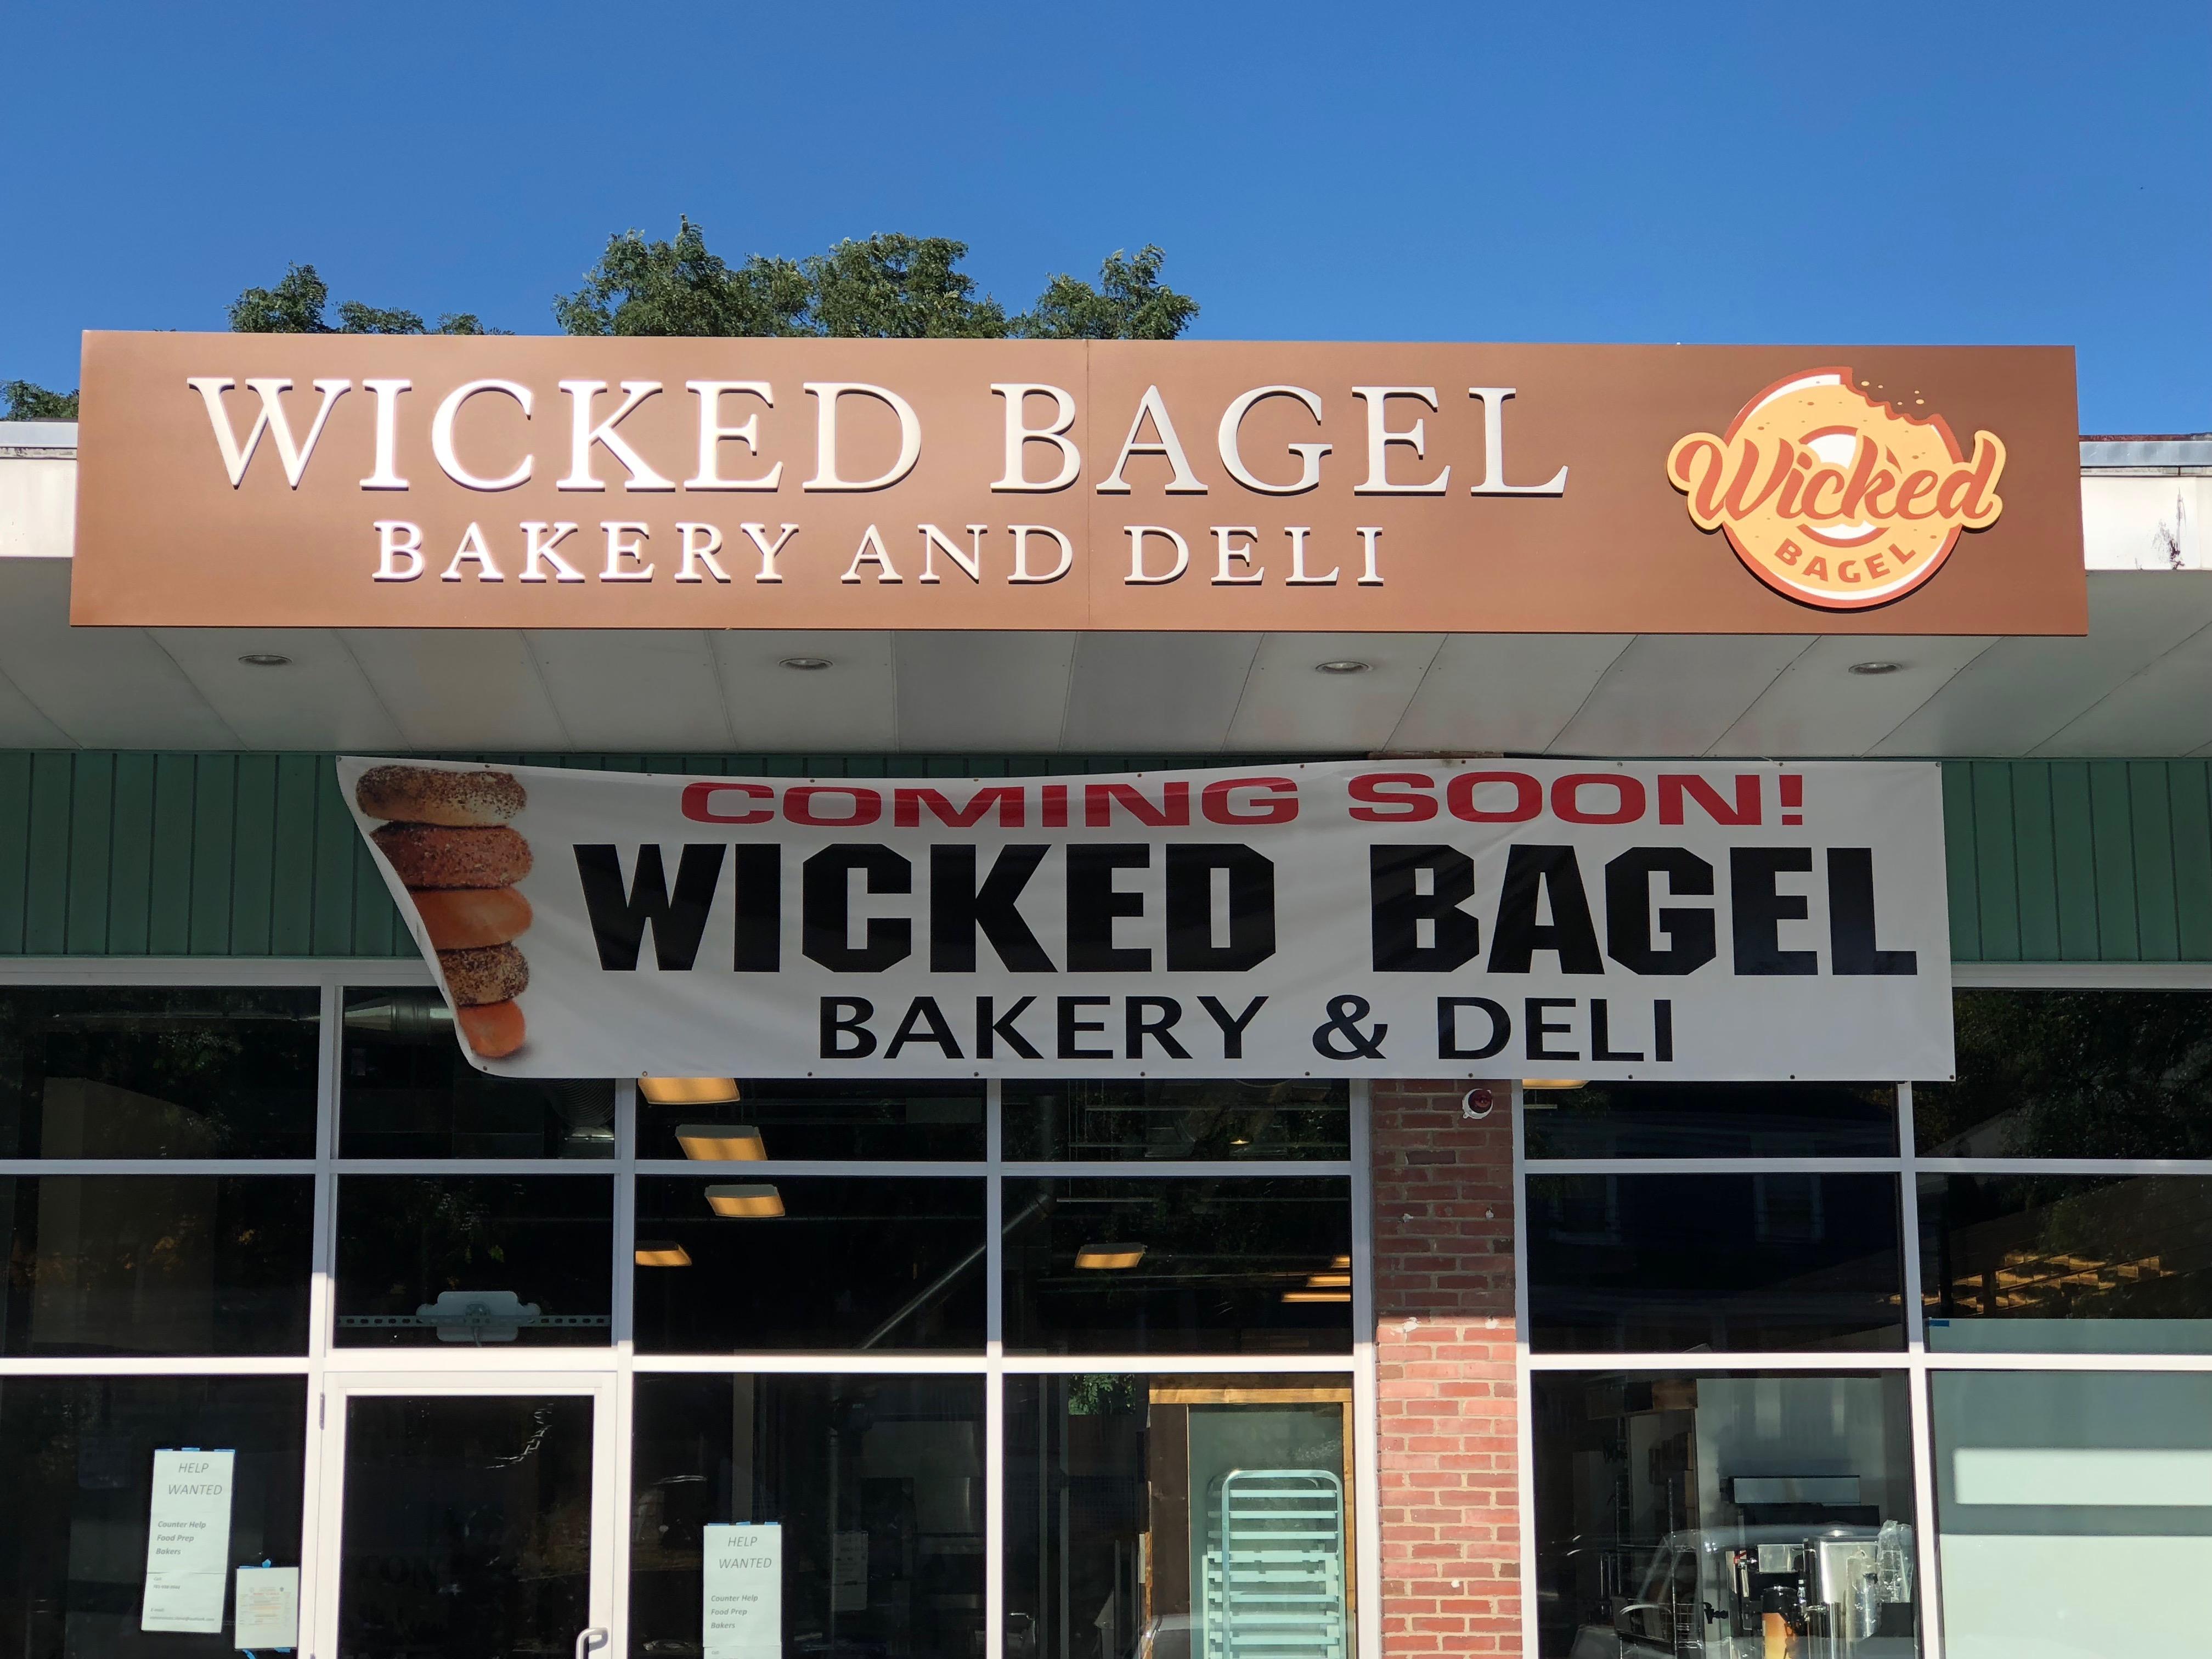 Wicked Bagel Bakery & Deli